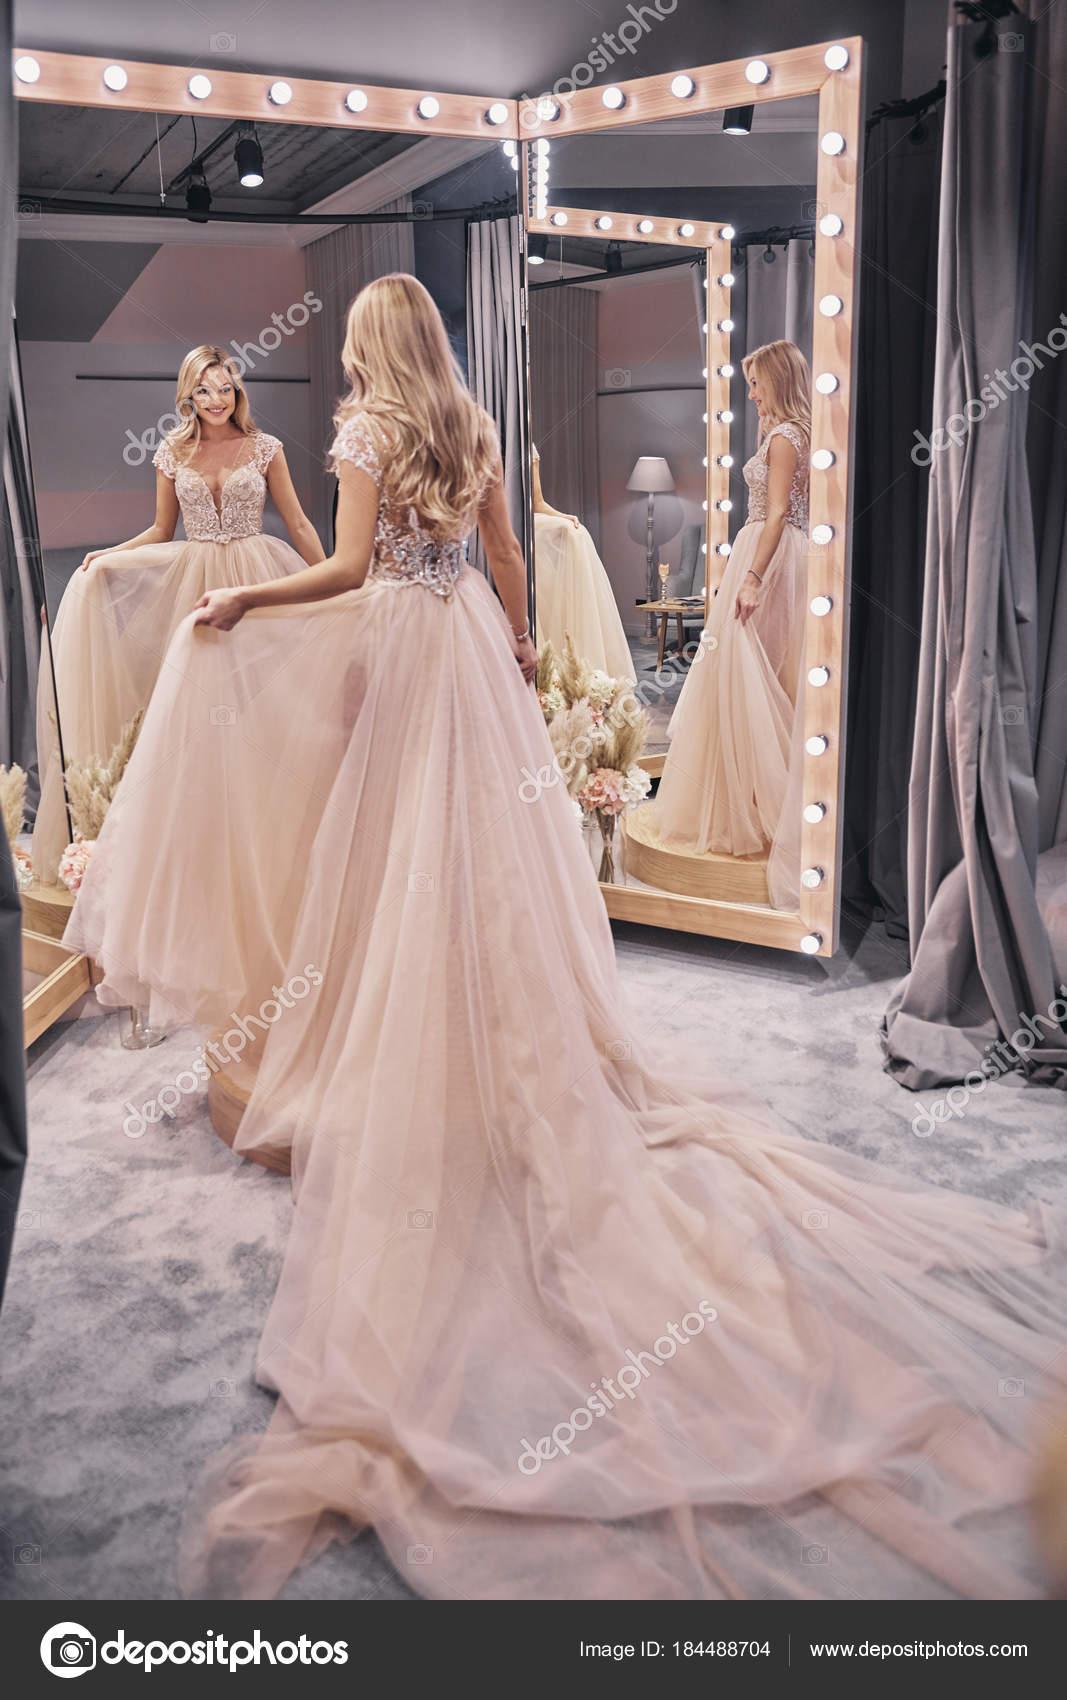 Voller Lange Blonde Frau Tragt Hochzeitskleid Brautmodengeschaft